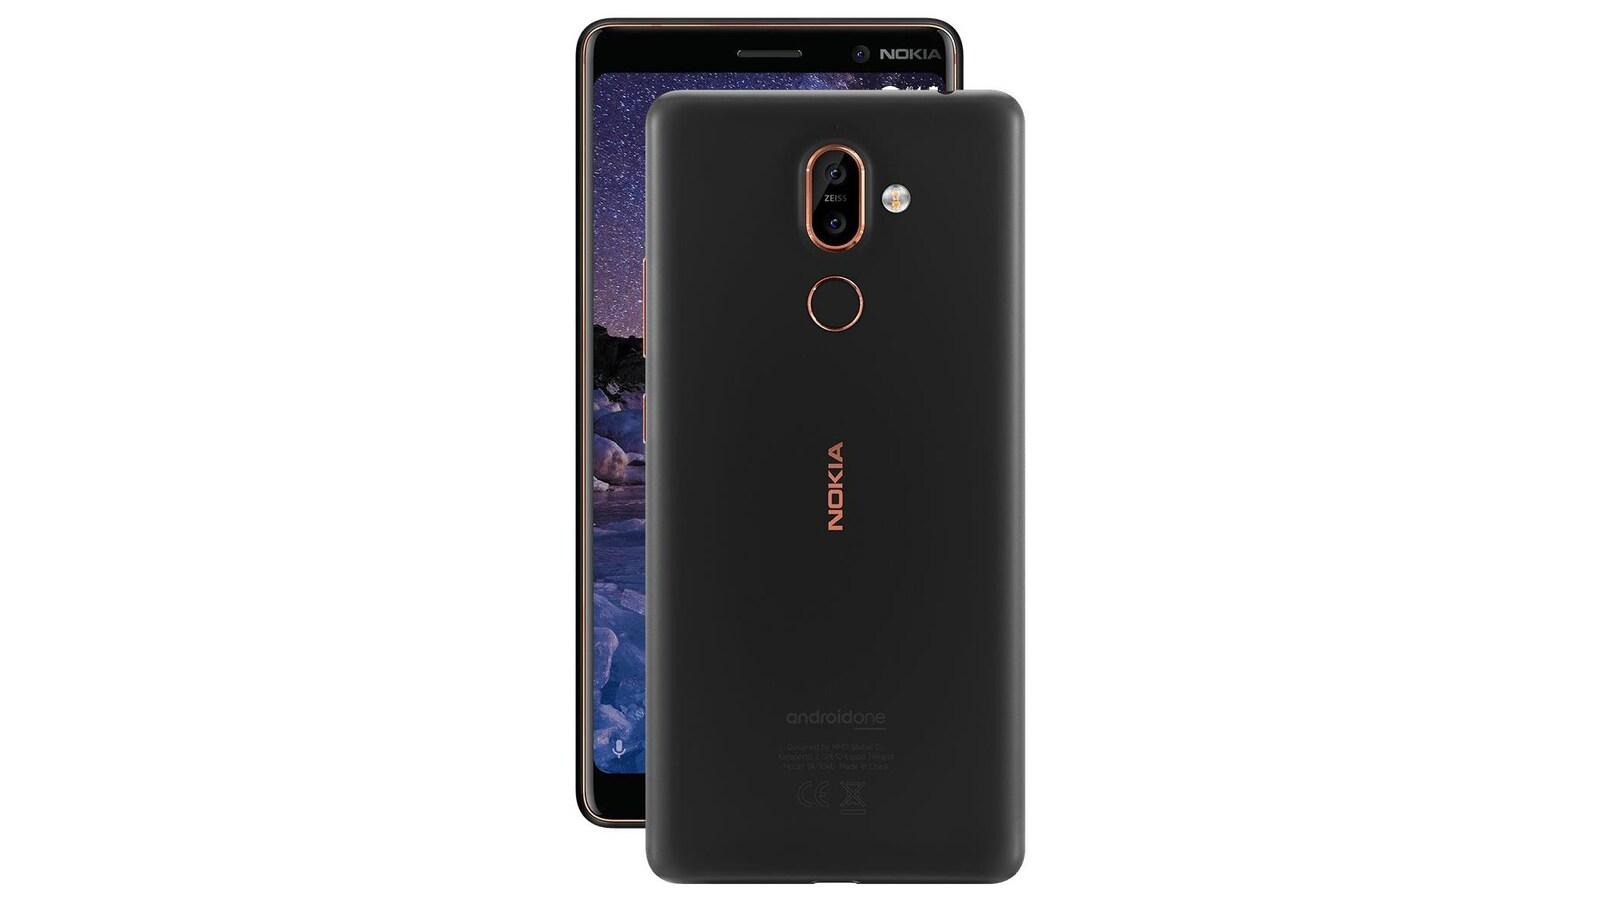 Une photo montrant deux téléphones Nokia 7 Plus, l'un de dos et l'autre de face.